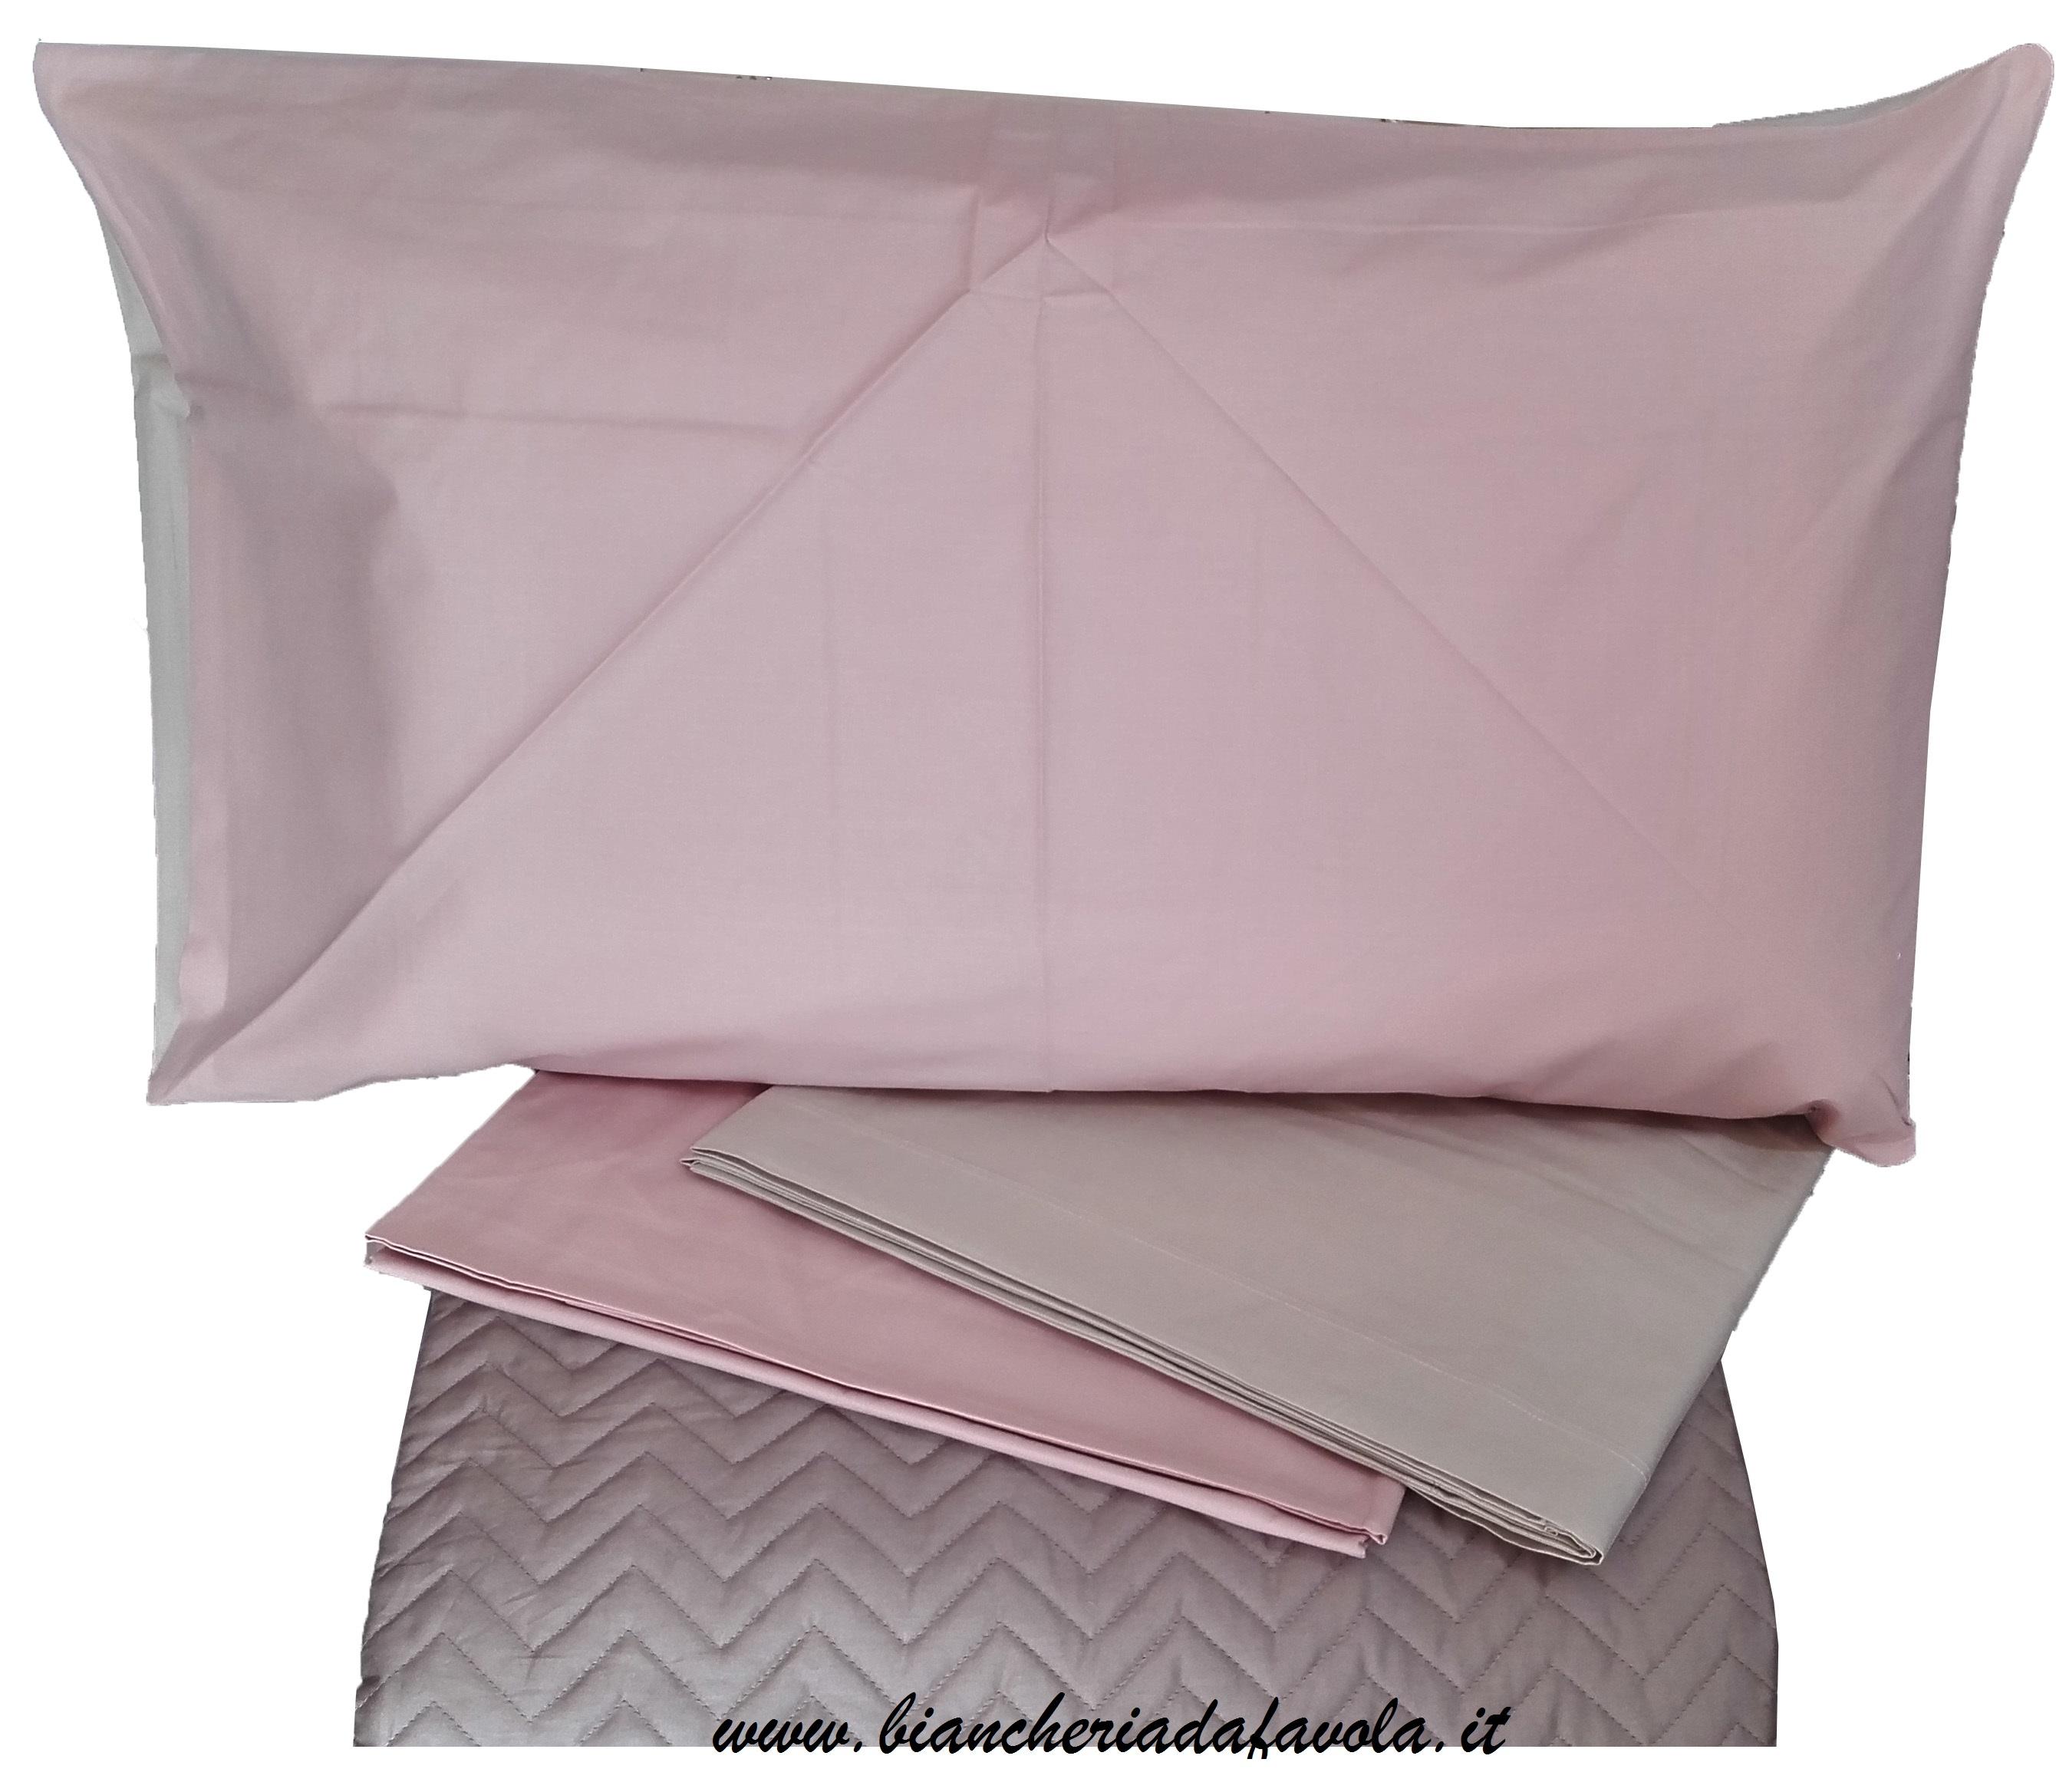 f34a83faad Parure Lenzuolo Matrimoniale – Bi Colore rosa confetto-begie